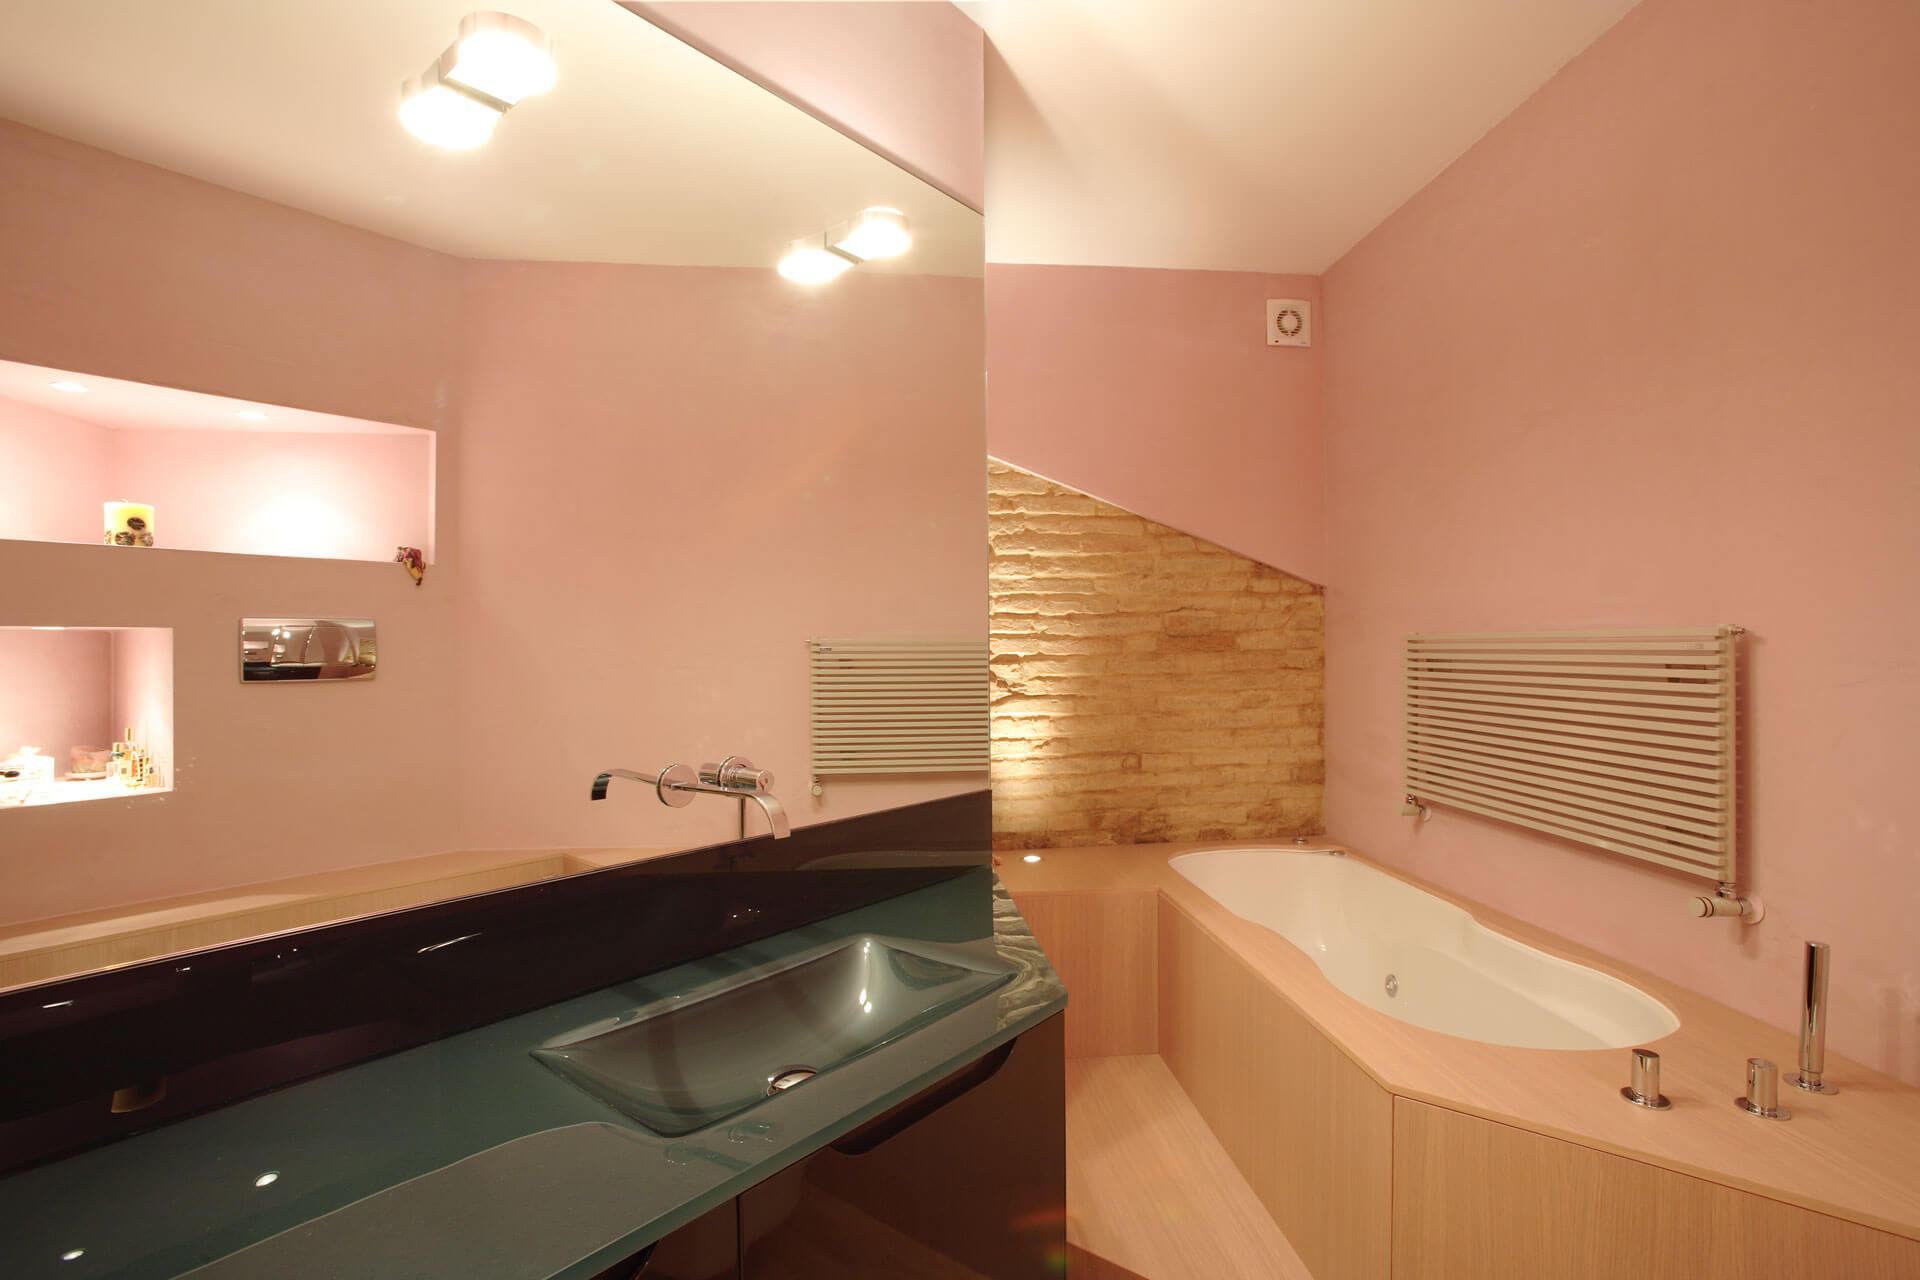 micaela-mazzoni-studio-interior-designer-bologna-progetti-abitativi-gallery-appartamento-via-cesare-battisti-bologna-3